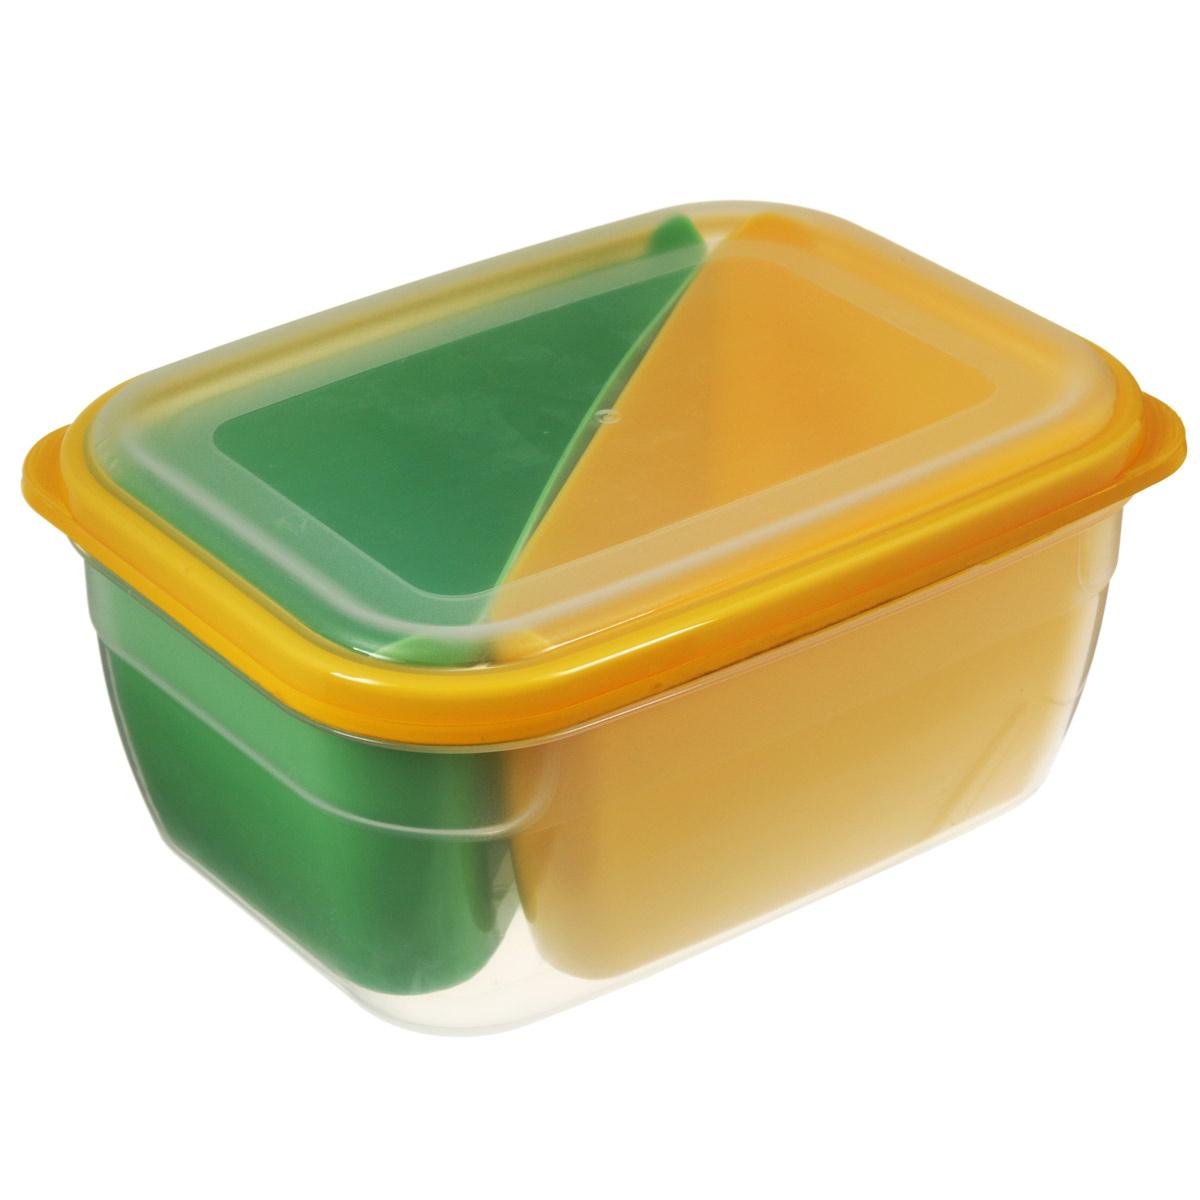 Контейнер-менажница для СВЧ Полимербыт, цвет: зеленый, желтый, 1,8 лС56401Контейнер-менажница для СВЧ Полимербыт изготовлен из высококачественного прочного пластика, устойчивого к высоким температурам (до +120°С). Крышка плотно закрывается, дольше сохраняя продукты свежими и вкусными. Контейнер снабжен 2 цветными секциями, которые позволяют хранить сразу несколько продуктов или блюд. Он идеально подходит для хранения пищи, его удобно брать с собой на работу, учебу, пикник или просто использовать для хранения пищи в холодильнике.Можно использовать в микроволновой печи и для заморозки в морозильной камере. Можно мыть в посудомоечной машине. Размер секции: 9 см х 18,5 см х 7,5 см.Размер контейнера: 19,5 см х 14,5 см х 9 см.